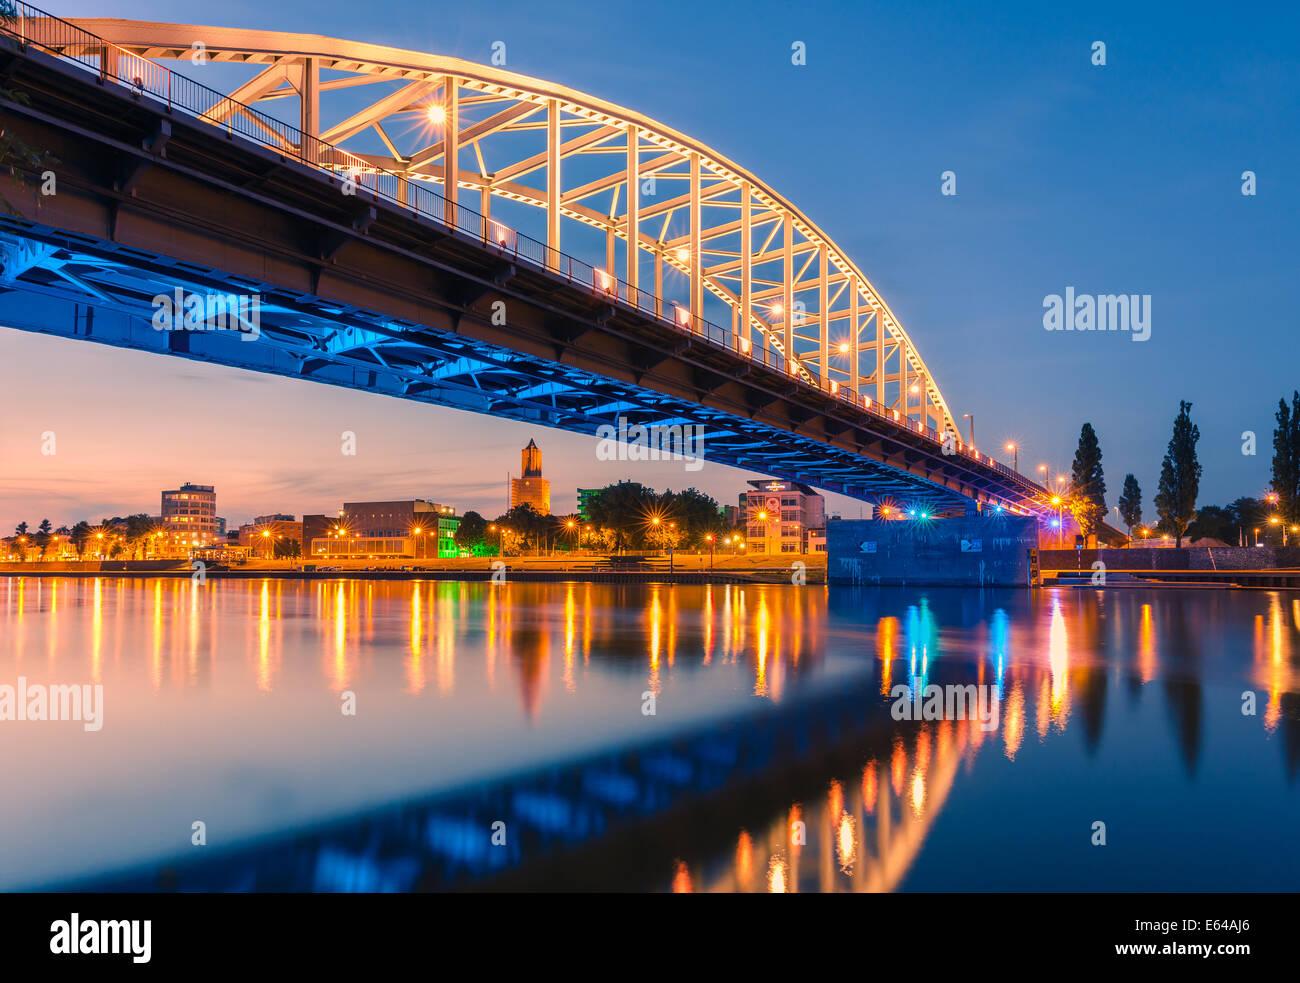 Pont John Frost (John Frostbrug en néerlandais) est le pont routier sur le Rhin inférieur à Arnhem, aux Pays-Bas. Banque D'Images